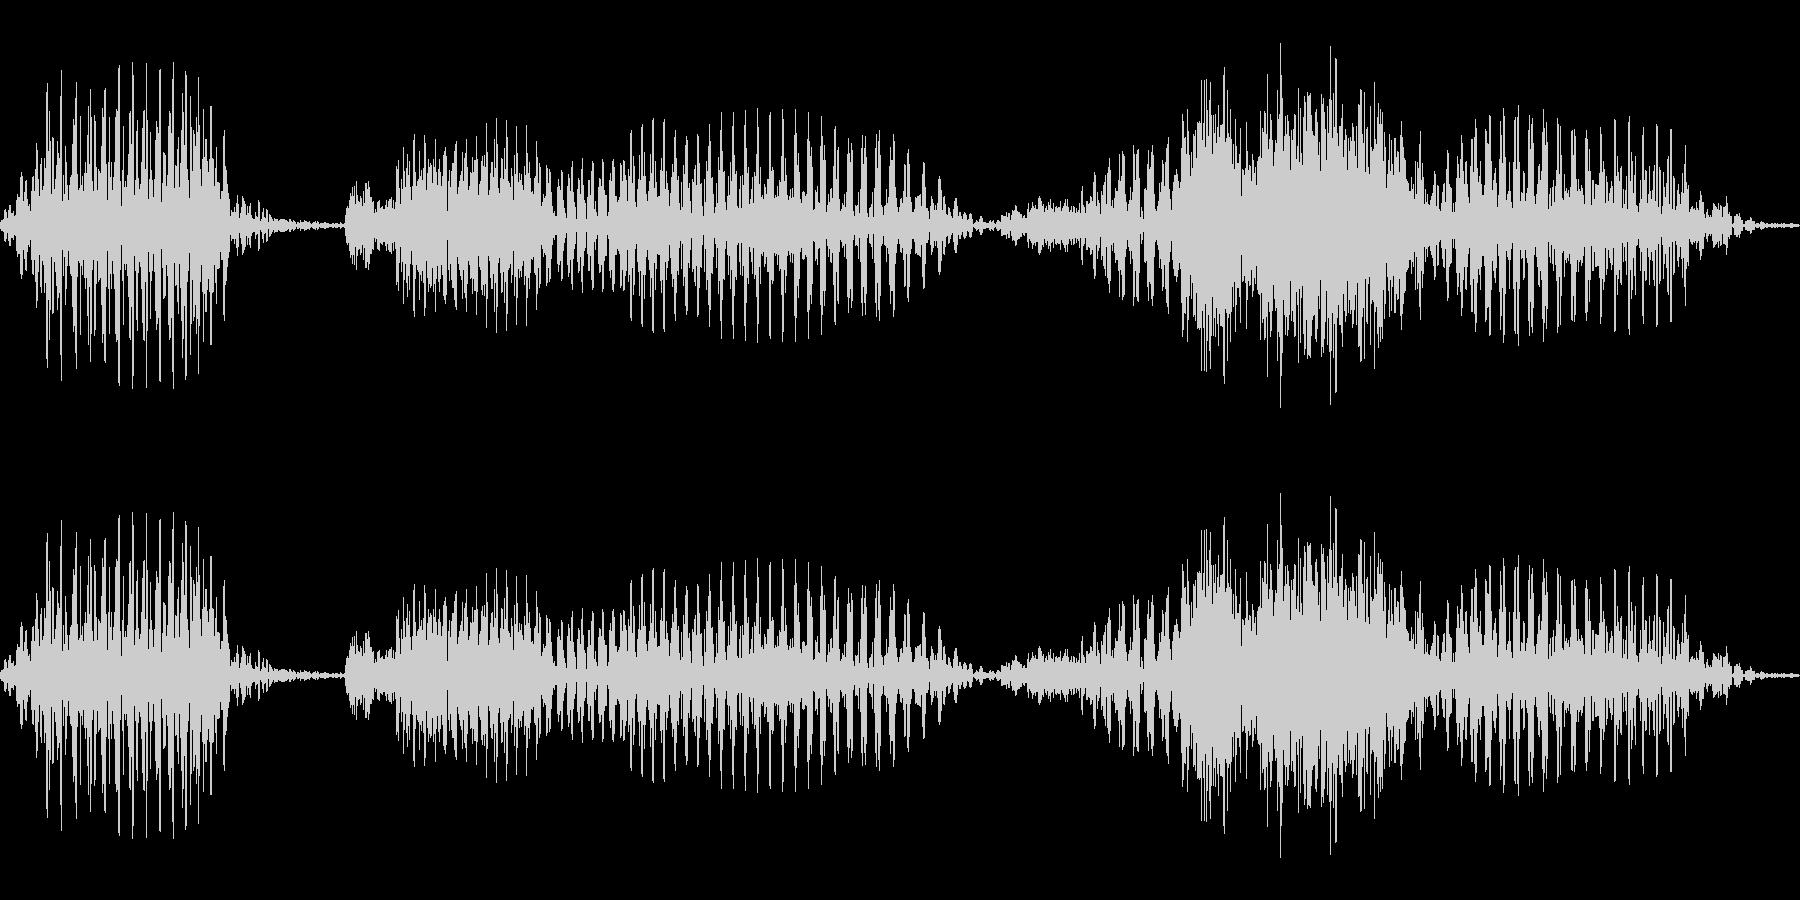 「またのお越しを」システムボイスにの未再生の波形